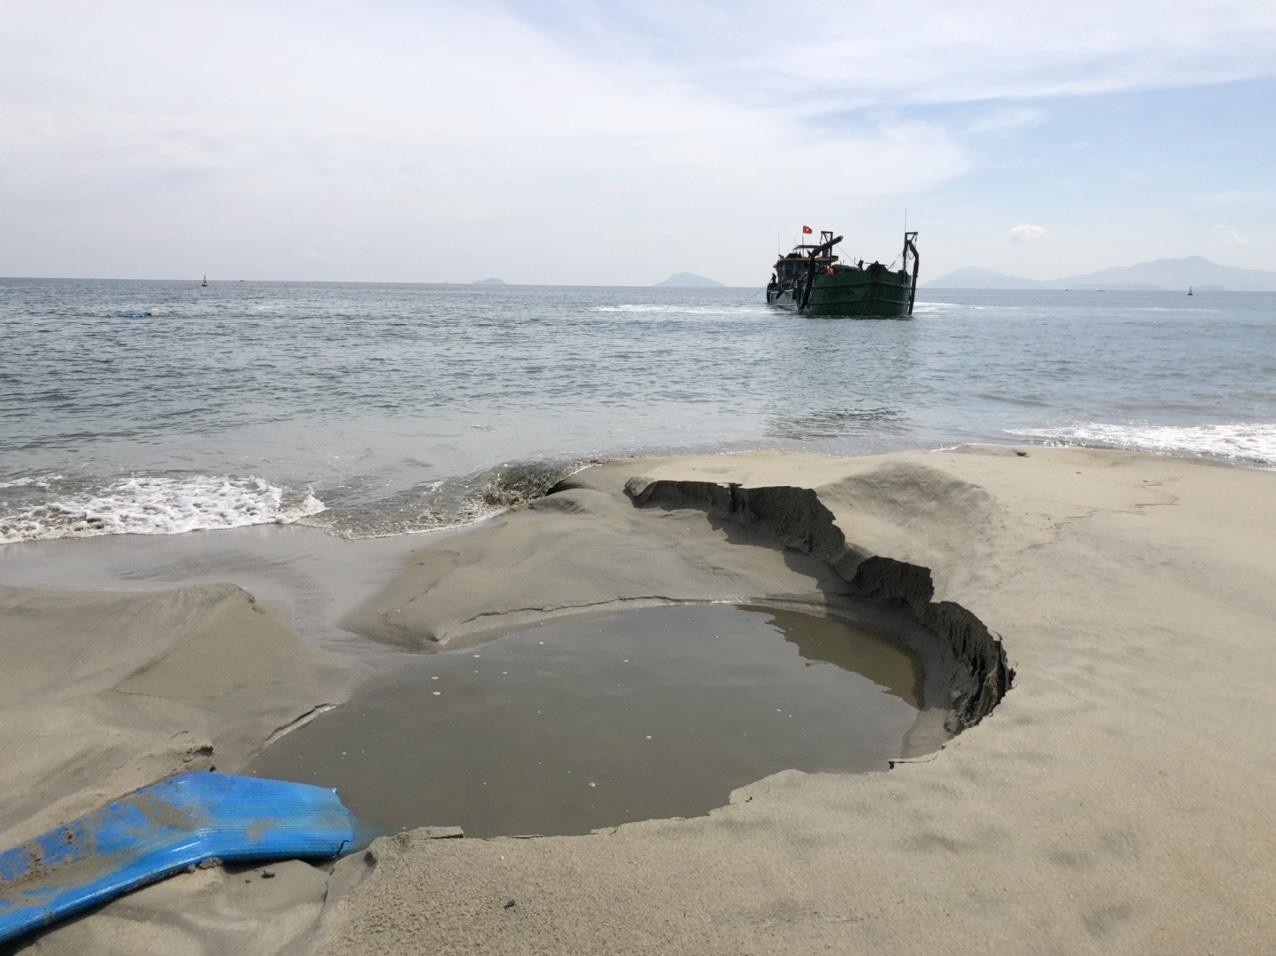 Tàu bơm cát vào khu vực bãi tắm Cửa Đại. Ảnh: Q.H